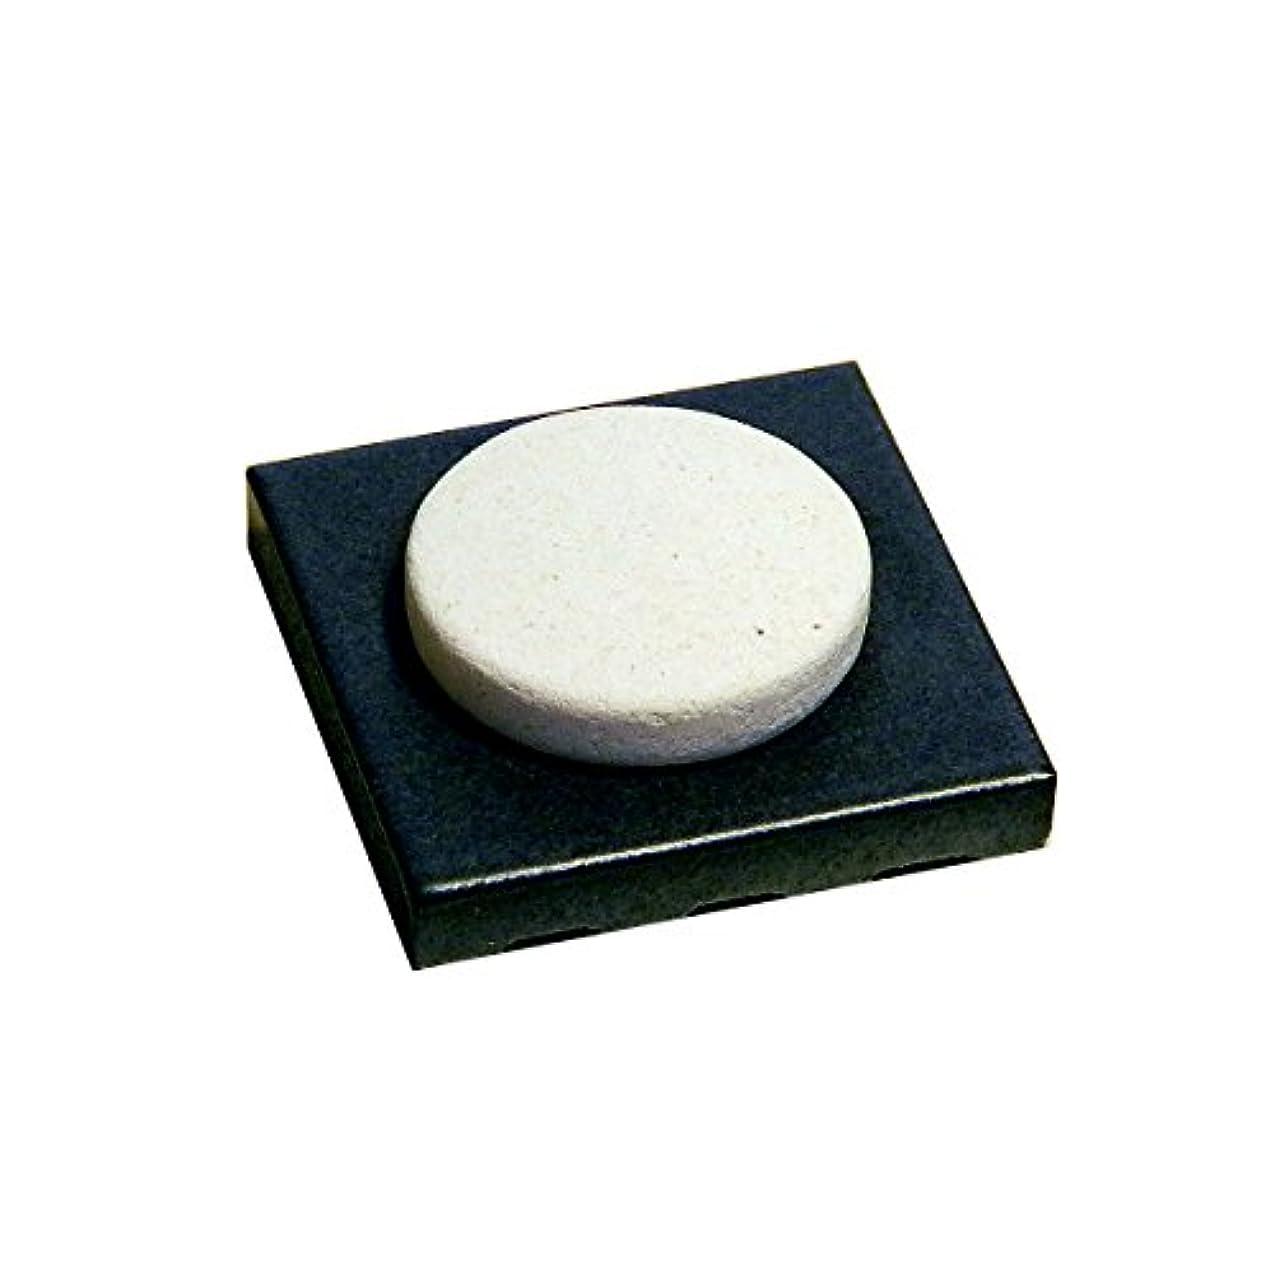 進化する説得徴収〔立風屋〕珪藻土アロマプレート美濃焼タイルセット ブラック(黒) RPAP-01003-BK